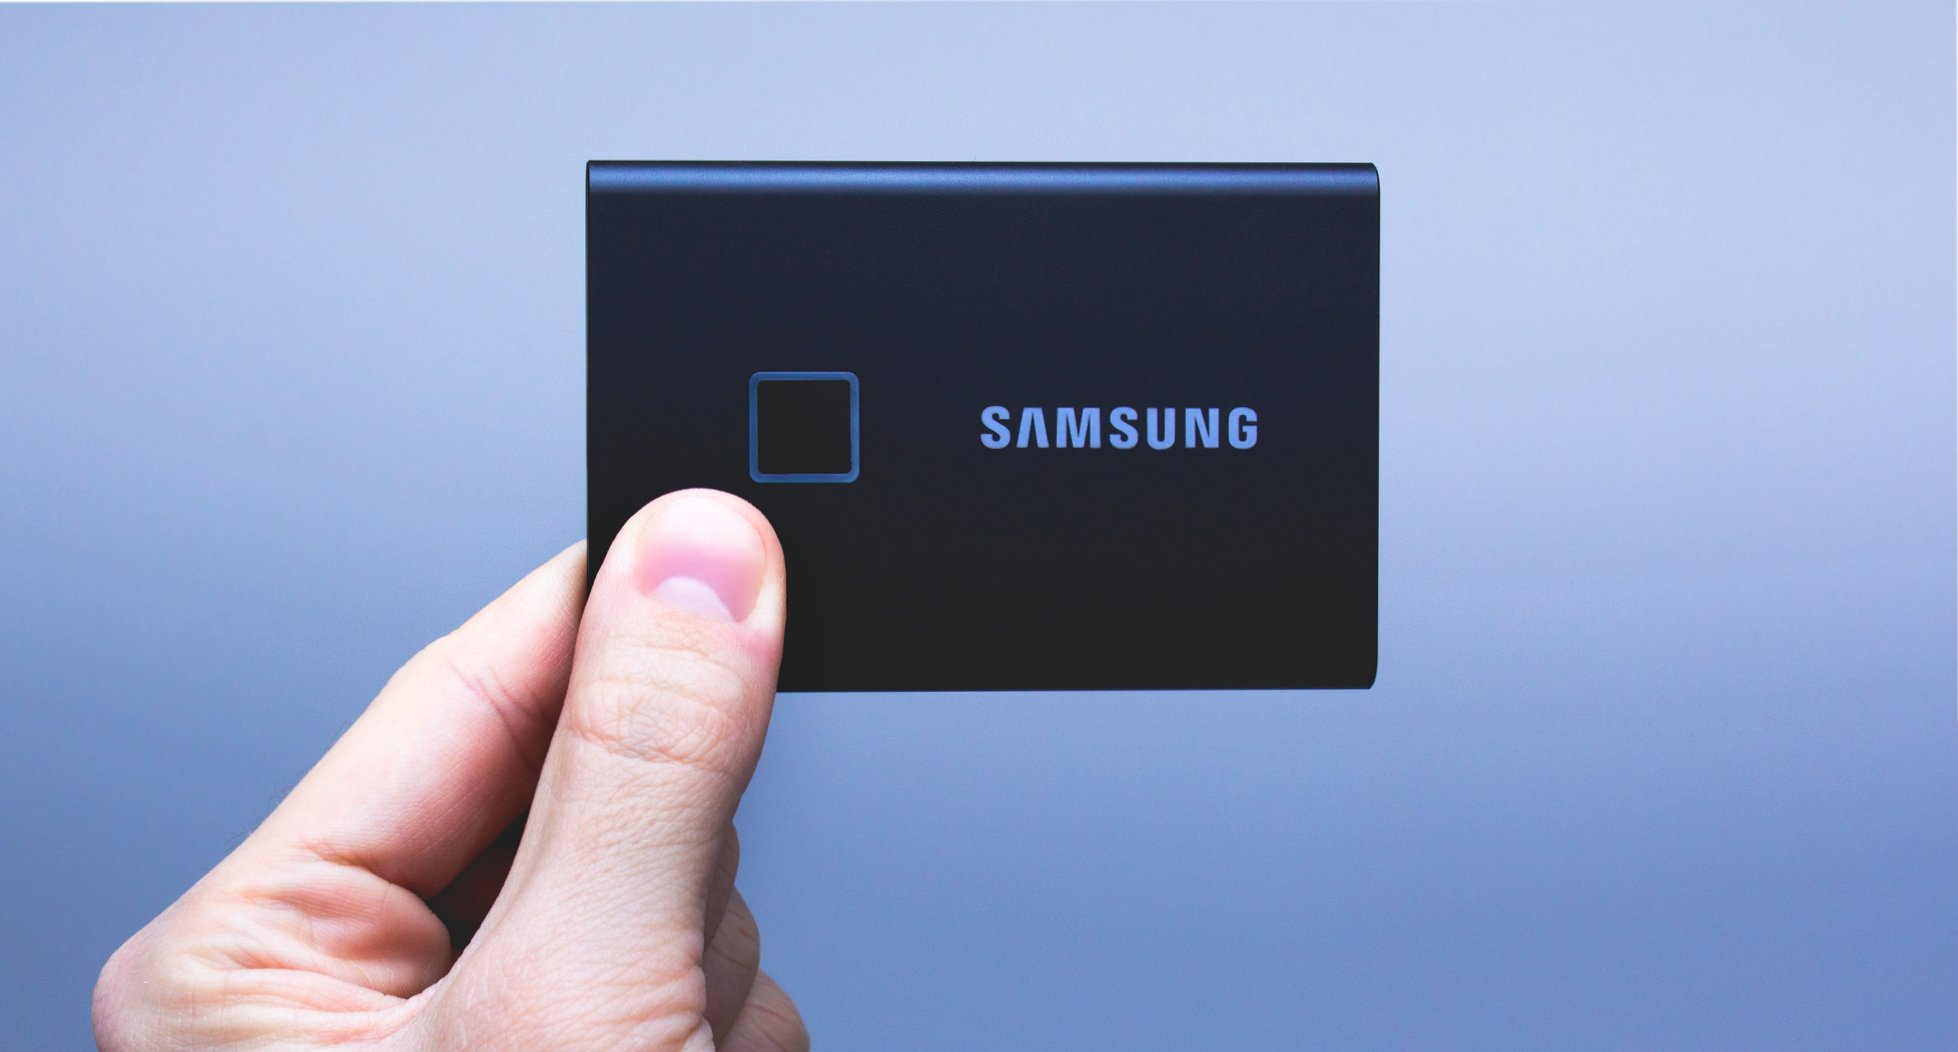 Samsung Portable SSD T7 Touch - dysk chroniony odciskiem palca (test) 23